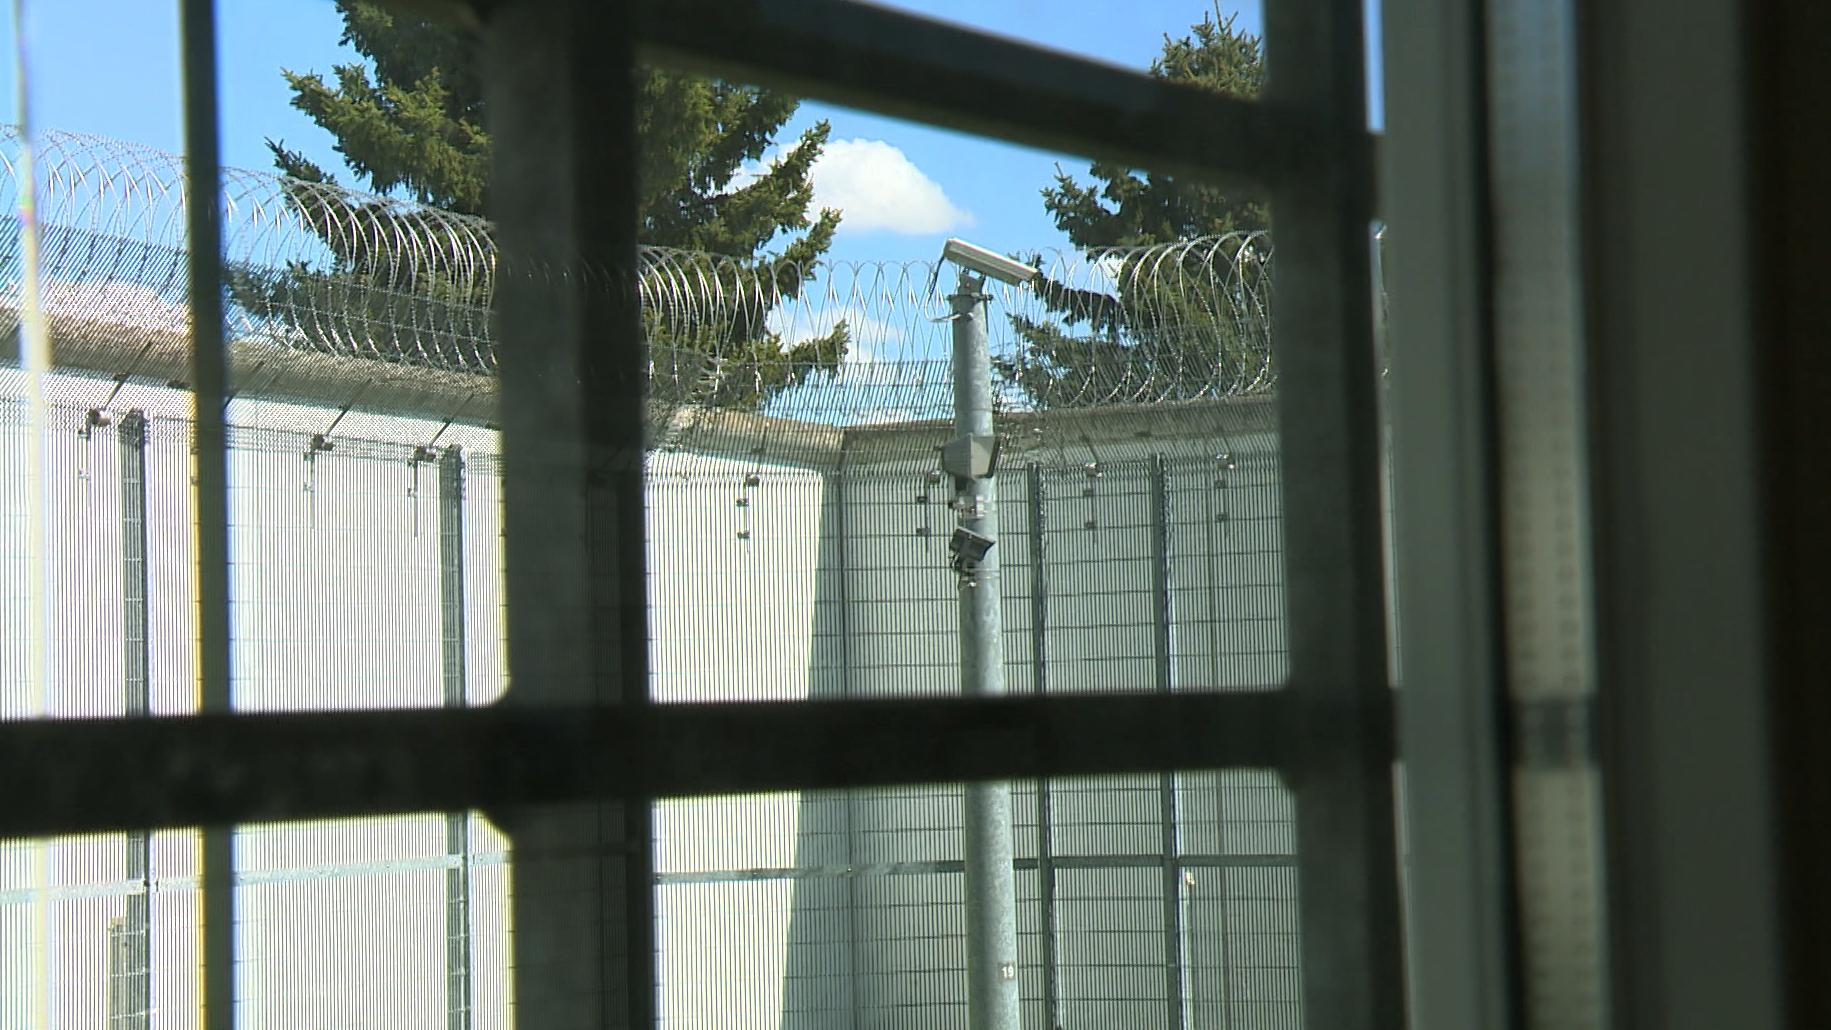 Blick aus einem vergitterten Fenster auf einen Gefängniszaun